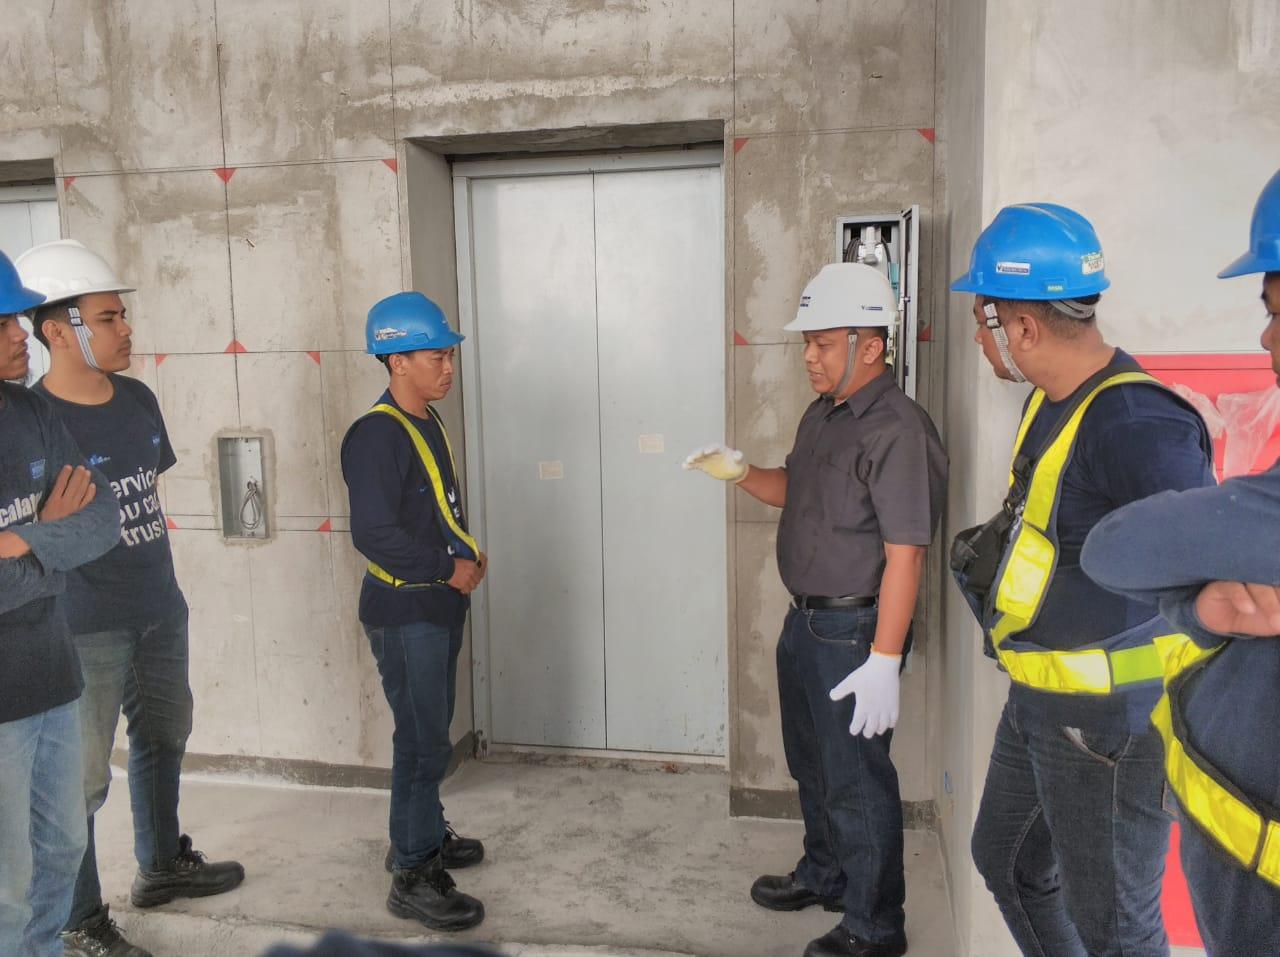 Pelatihan K3 Teknis Lift, Surabaya April 2019